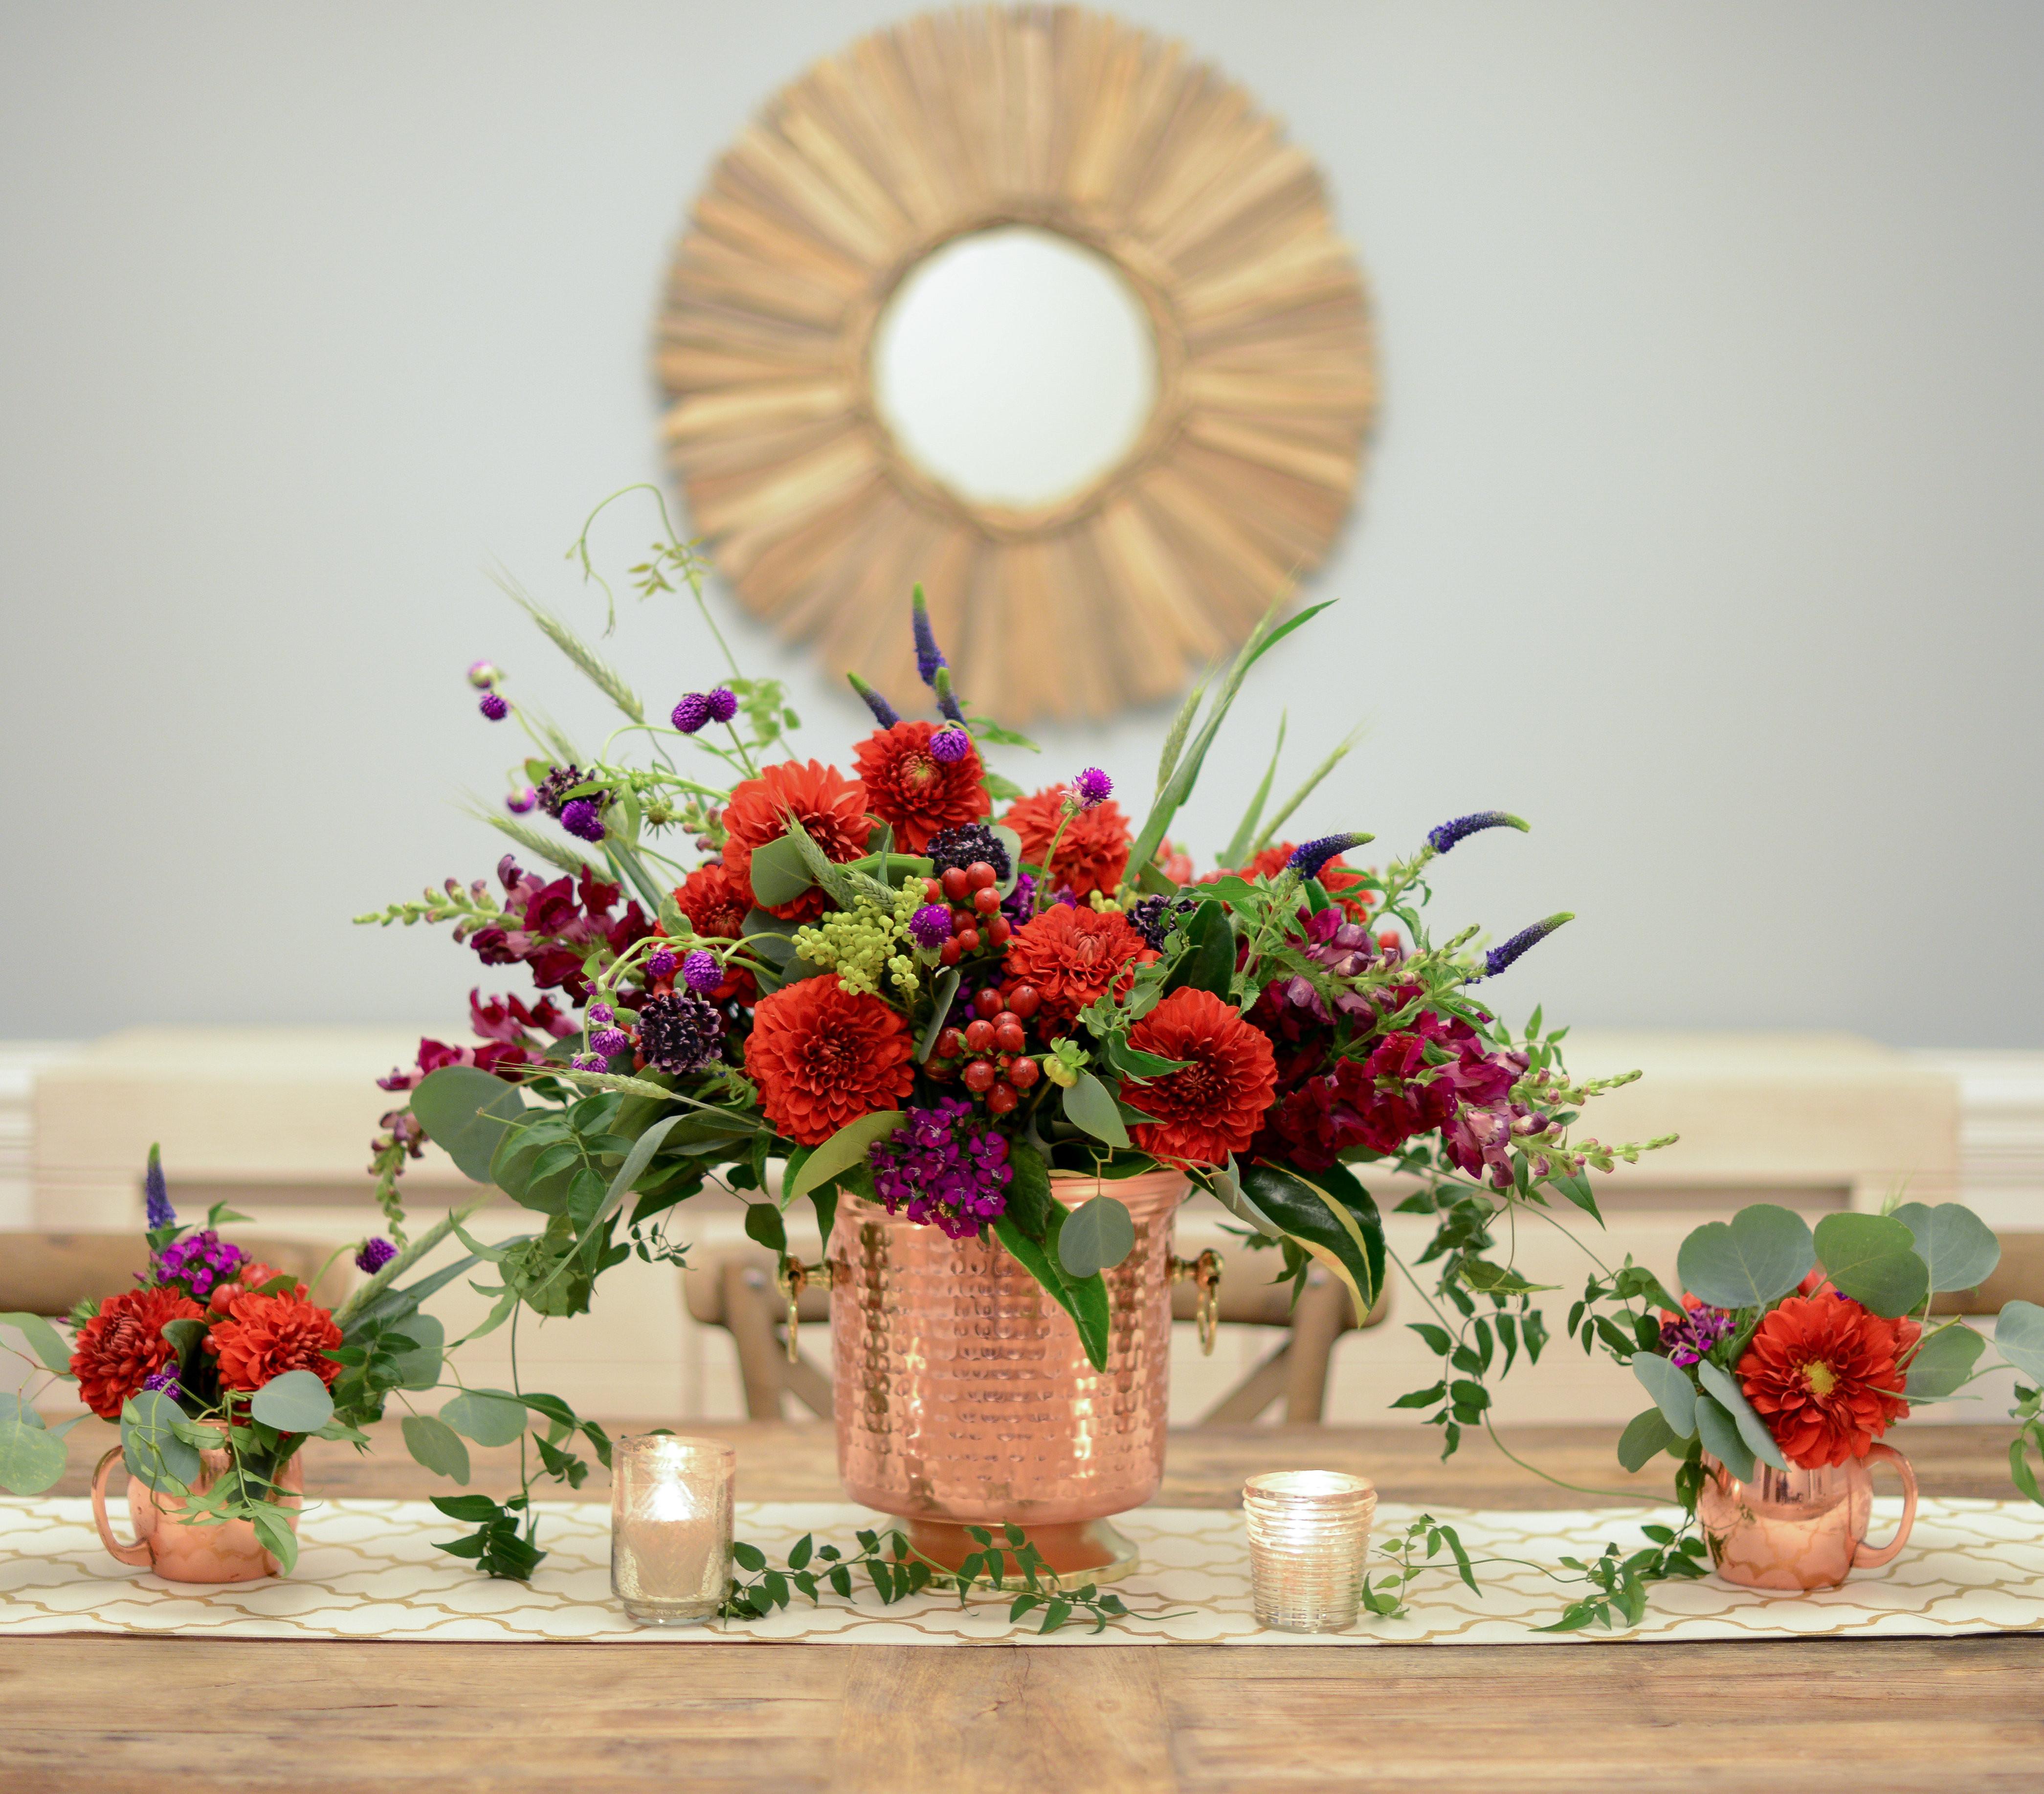 Thanksgiving Flower Centerpieces  Find a Unique Vase